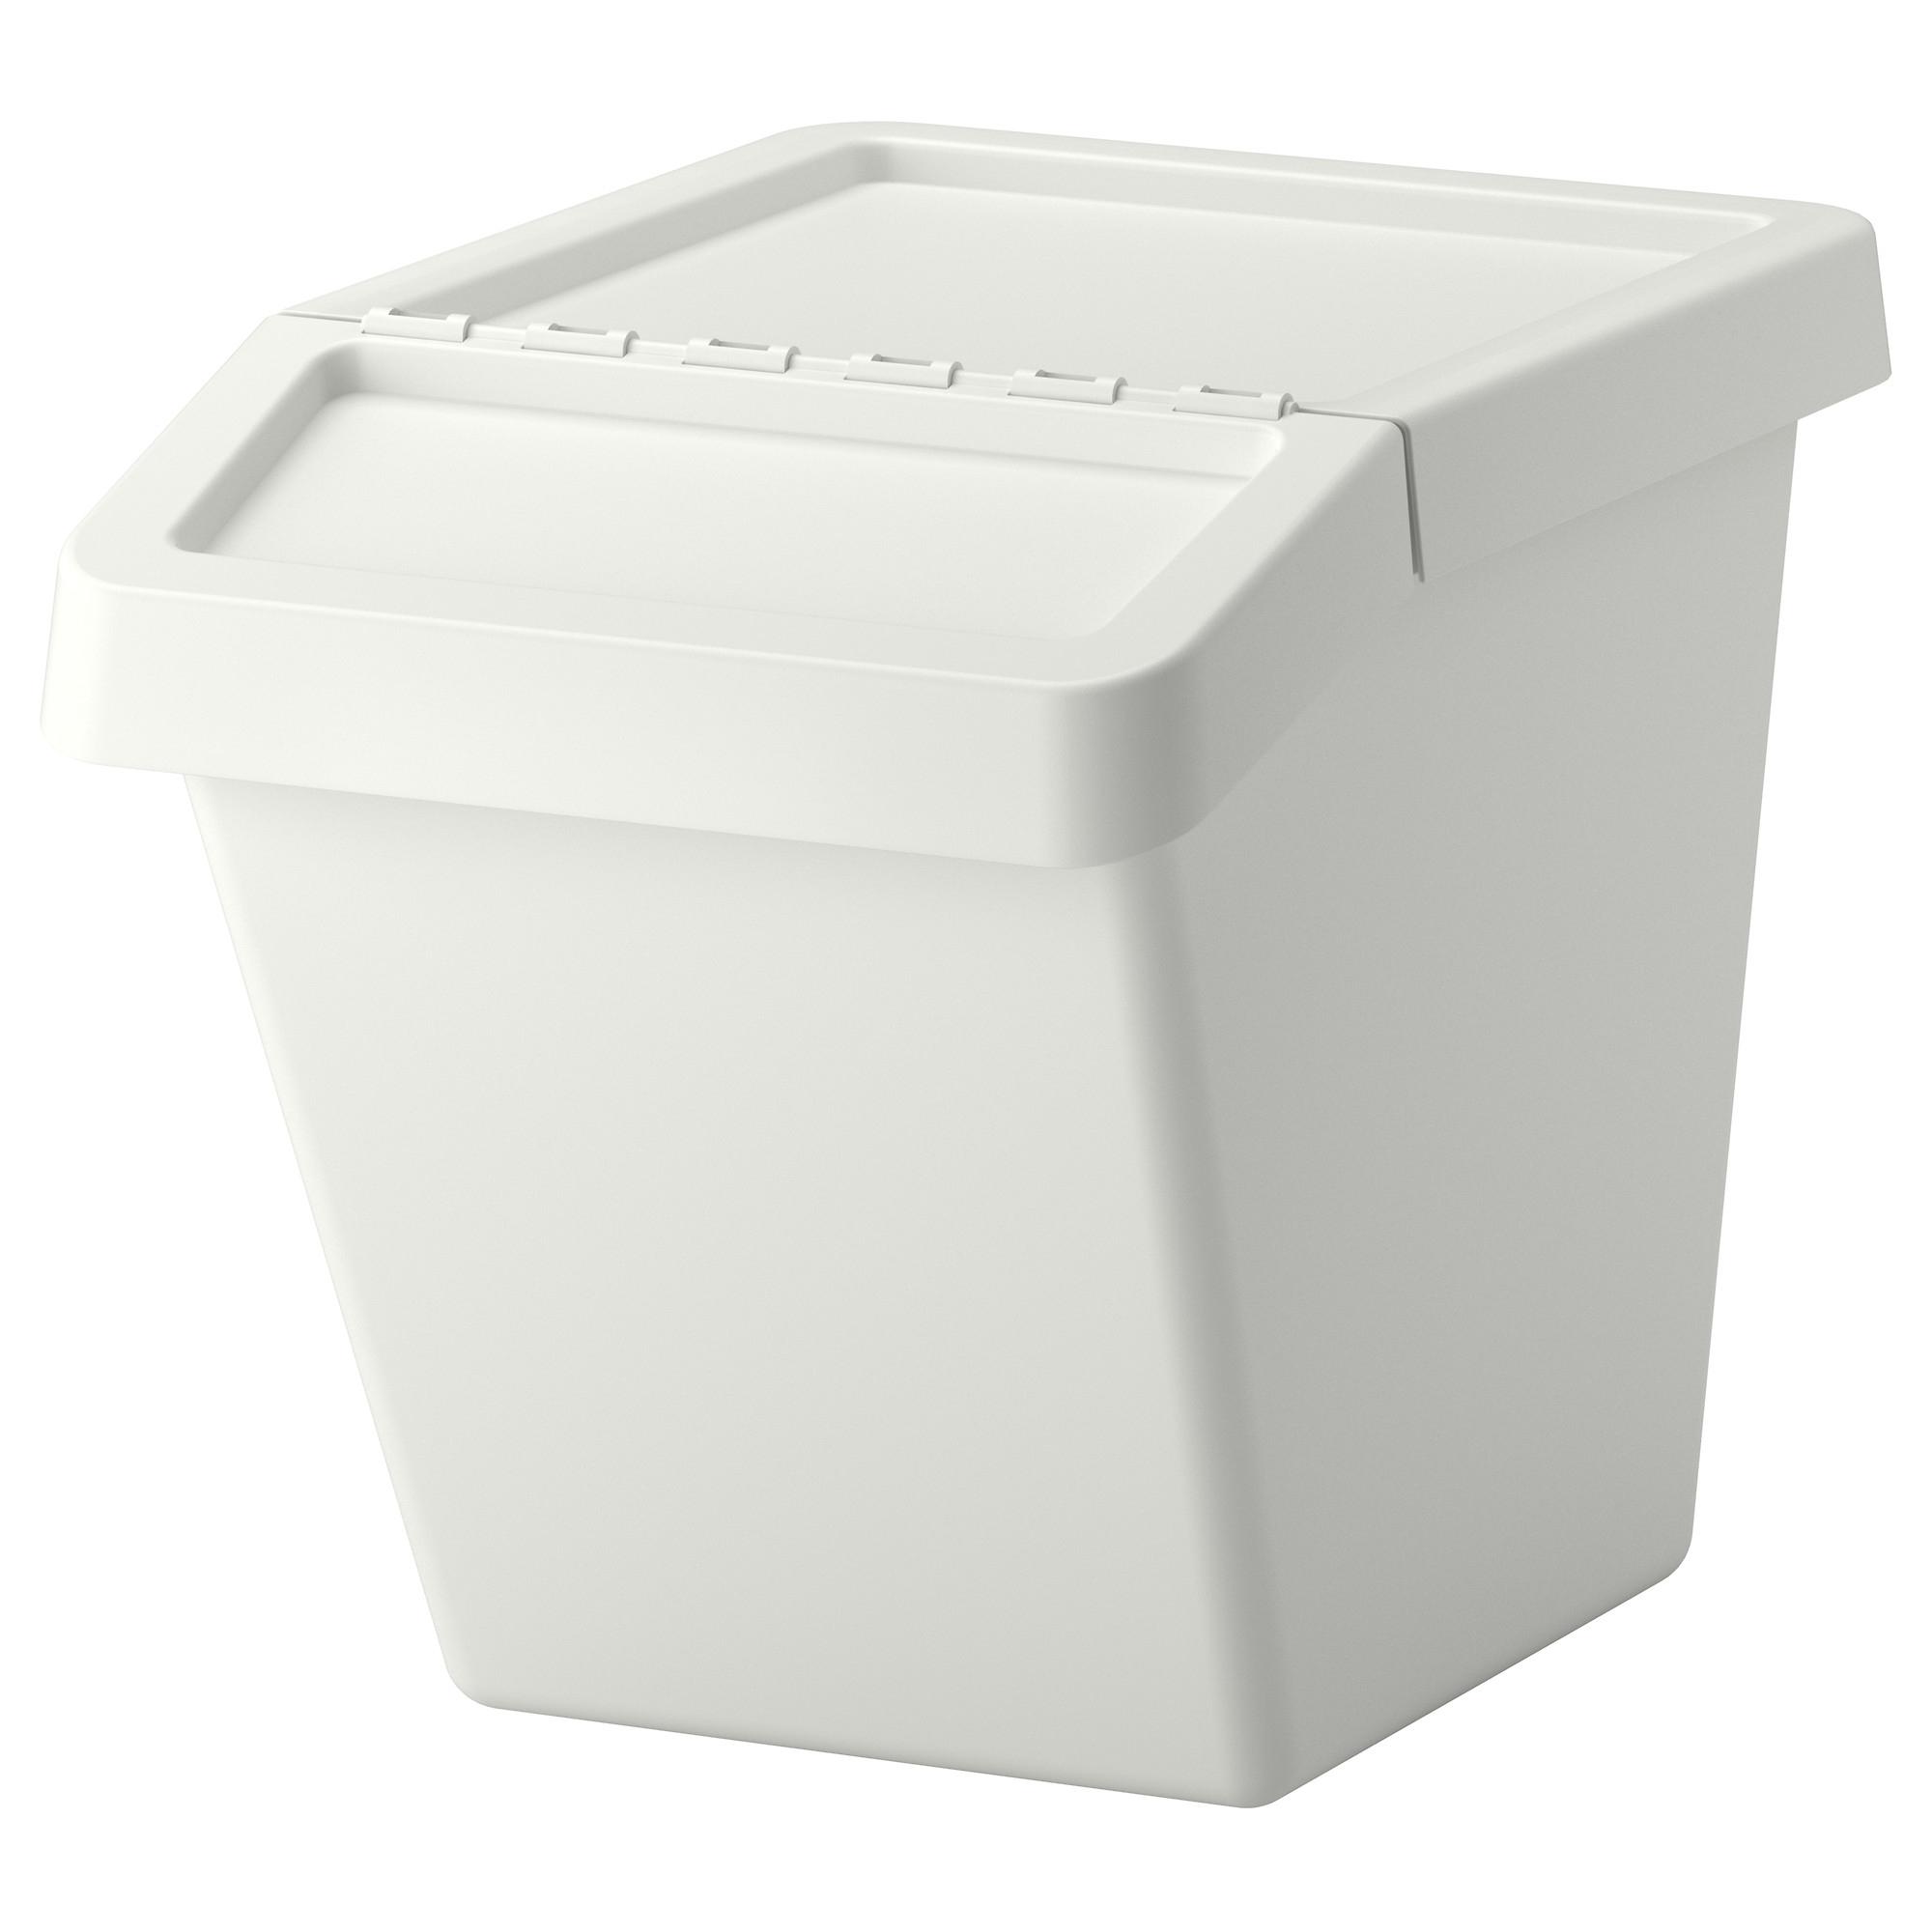 Sortera cubo de reciclaje con tapa for Cubos de reciclaje ikea